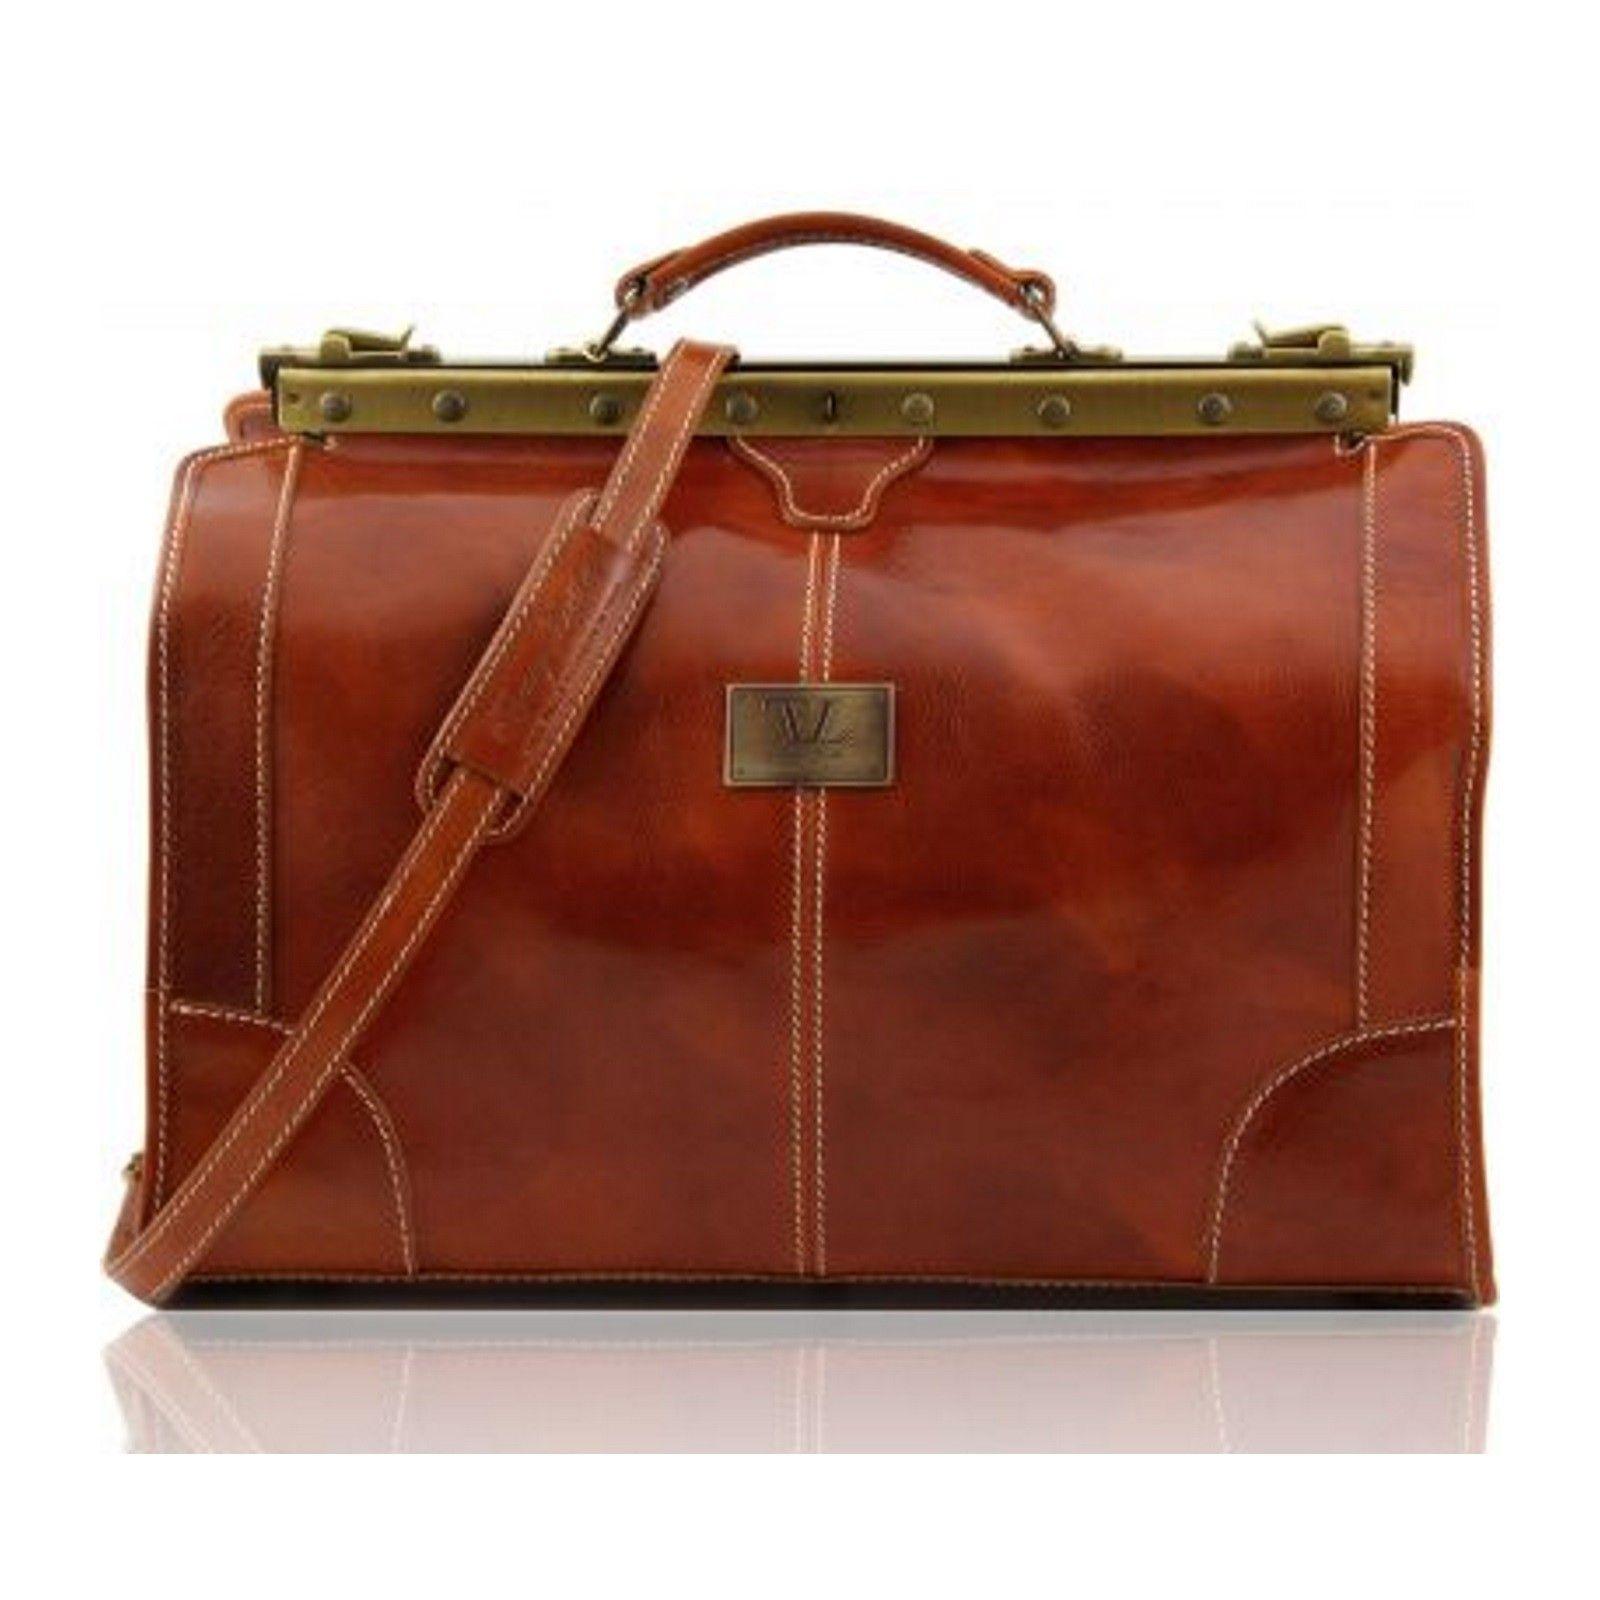 Tuscany Leather Madrid Large Gladstone Bag